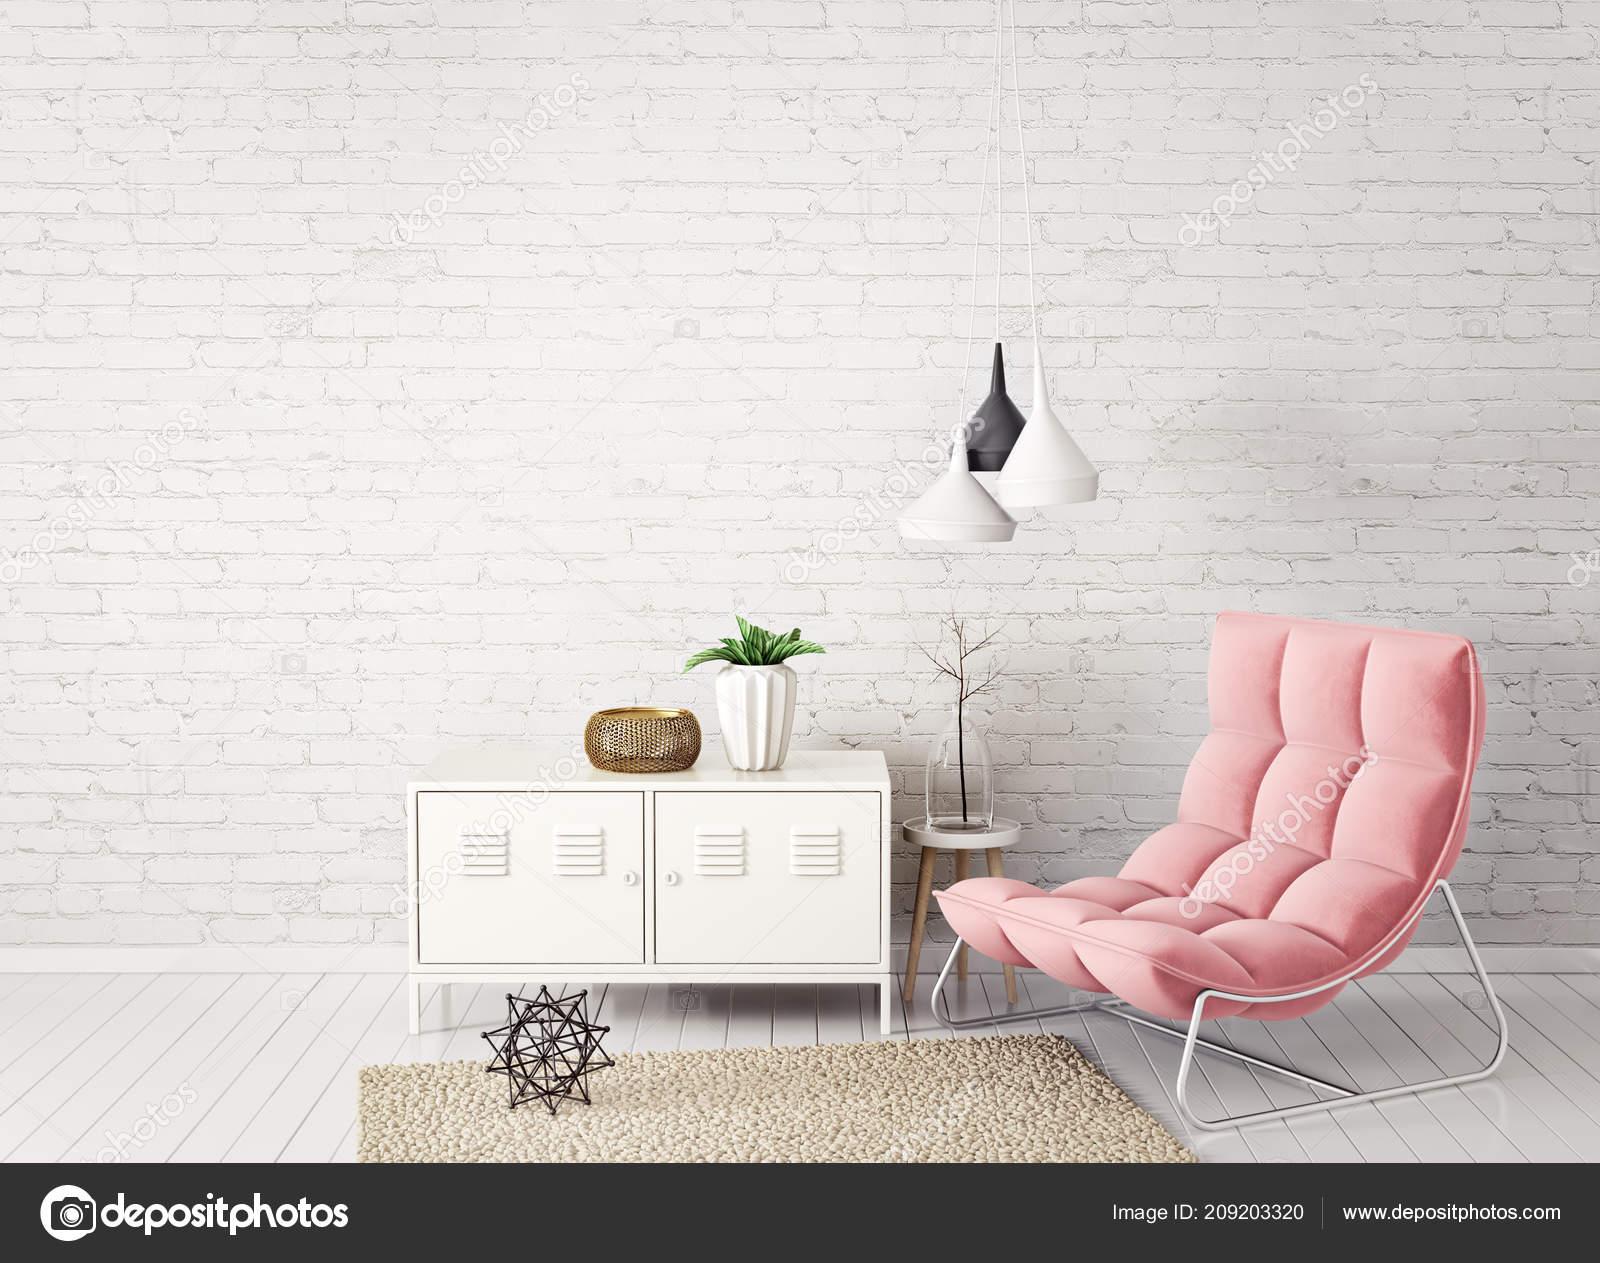 Modernes Wohnzimmer Mit Pastell Rosa Sessel Regal Und Lampe Mit